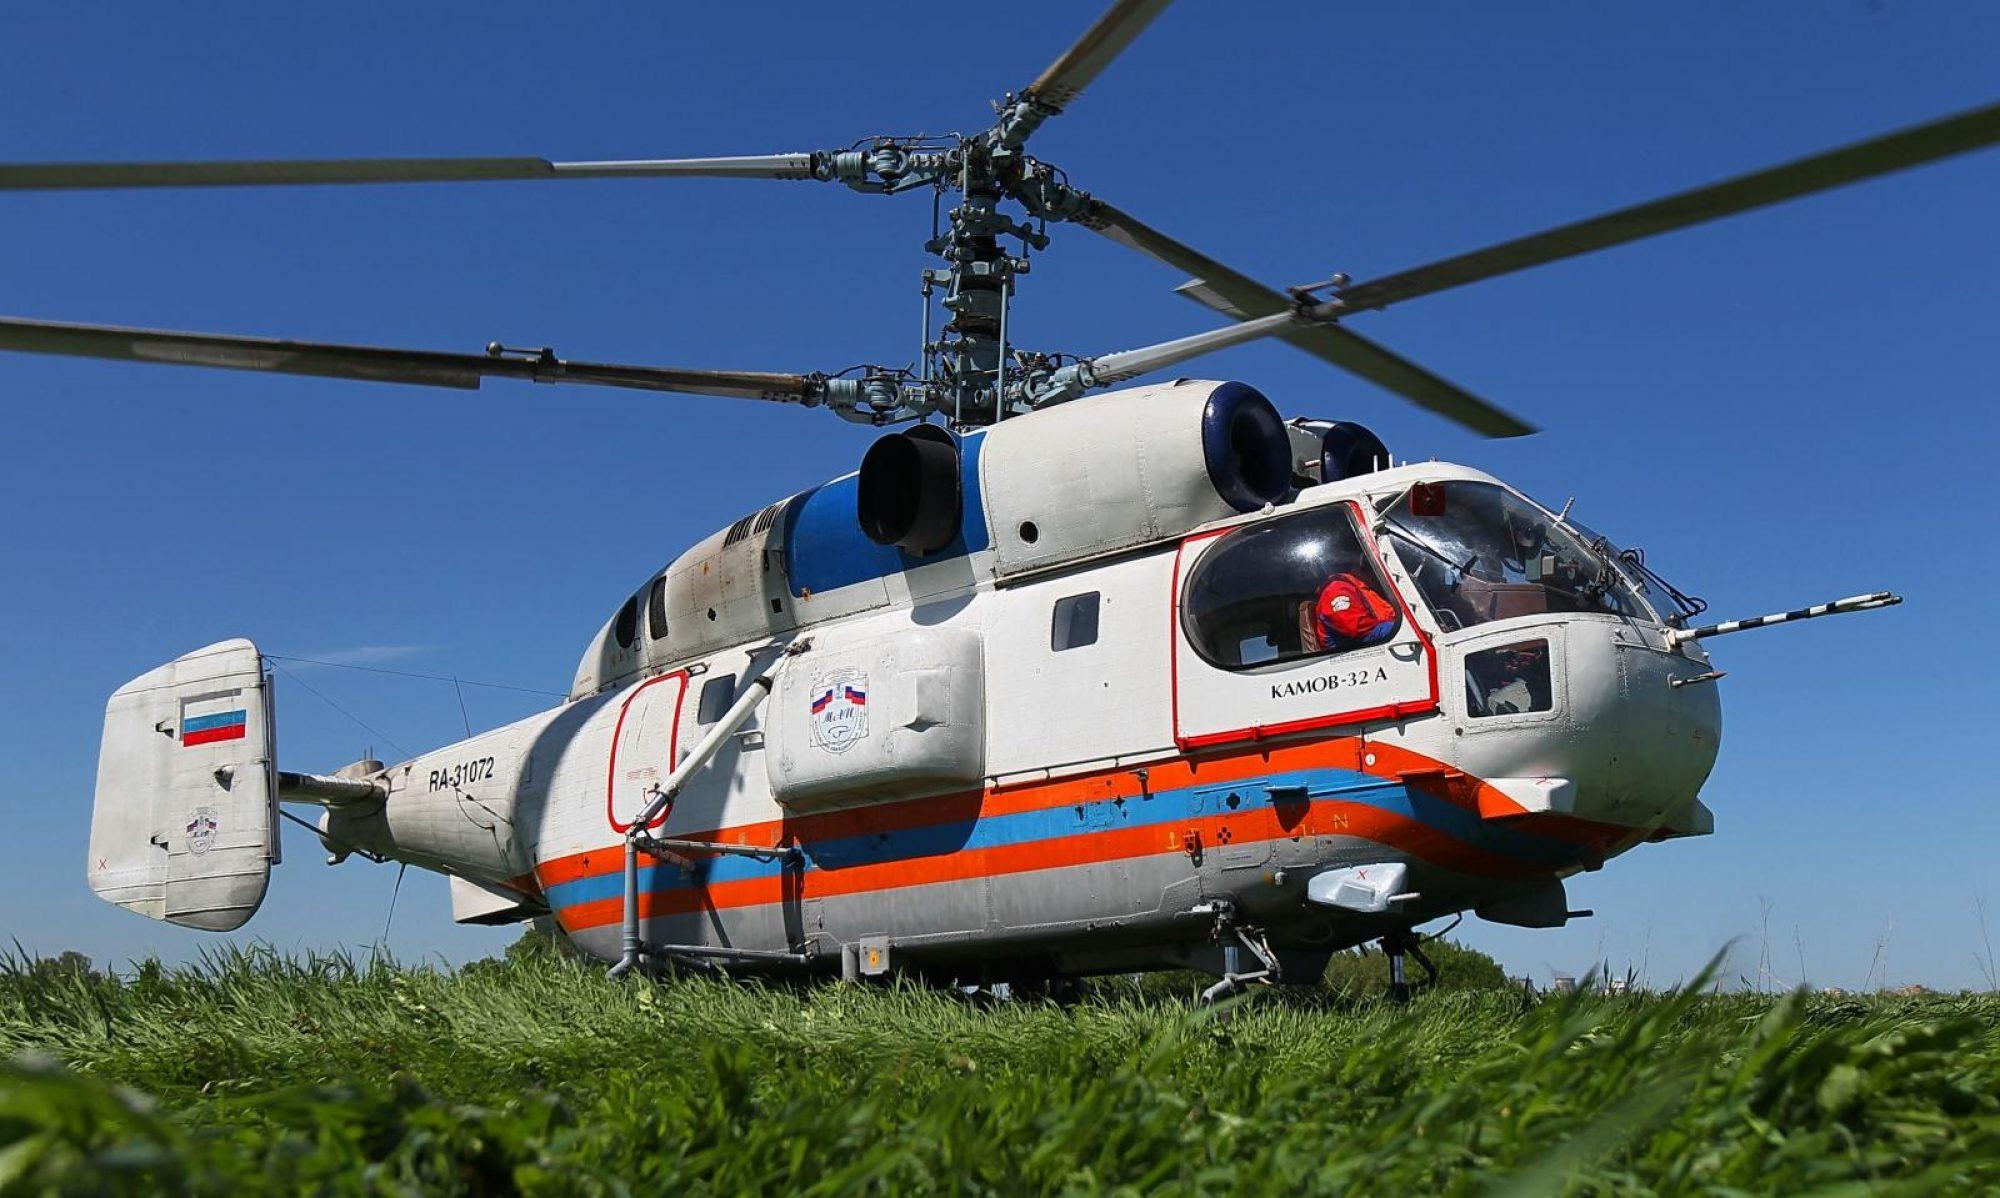 Служба поискового и аварийно-спасательного обеспечения